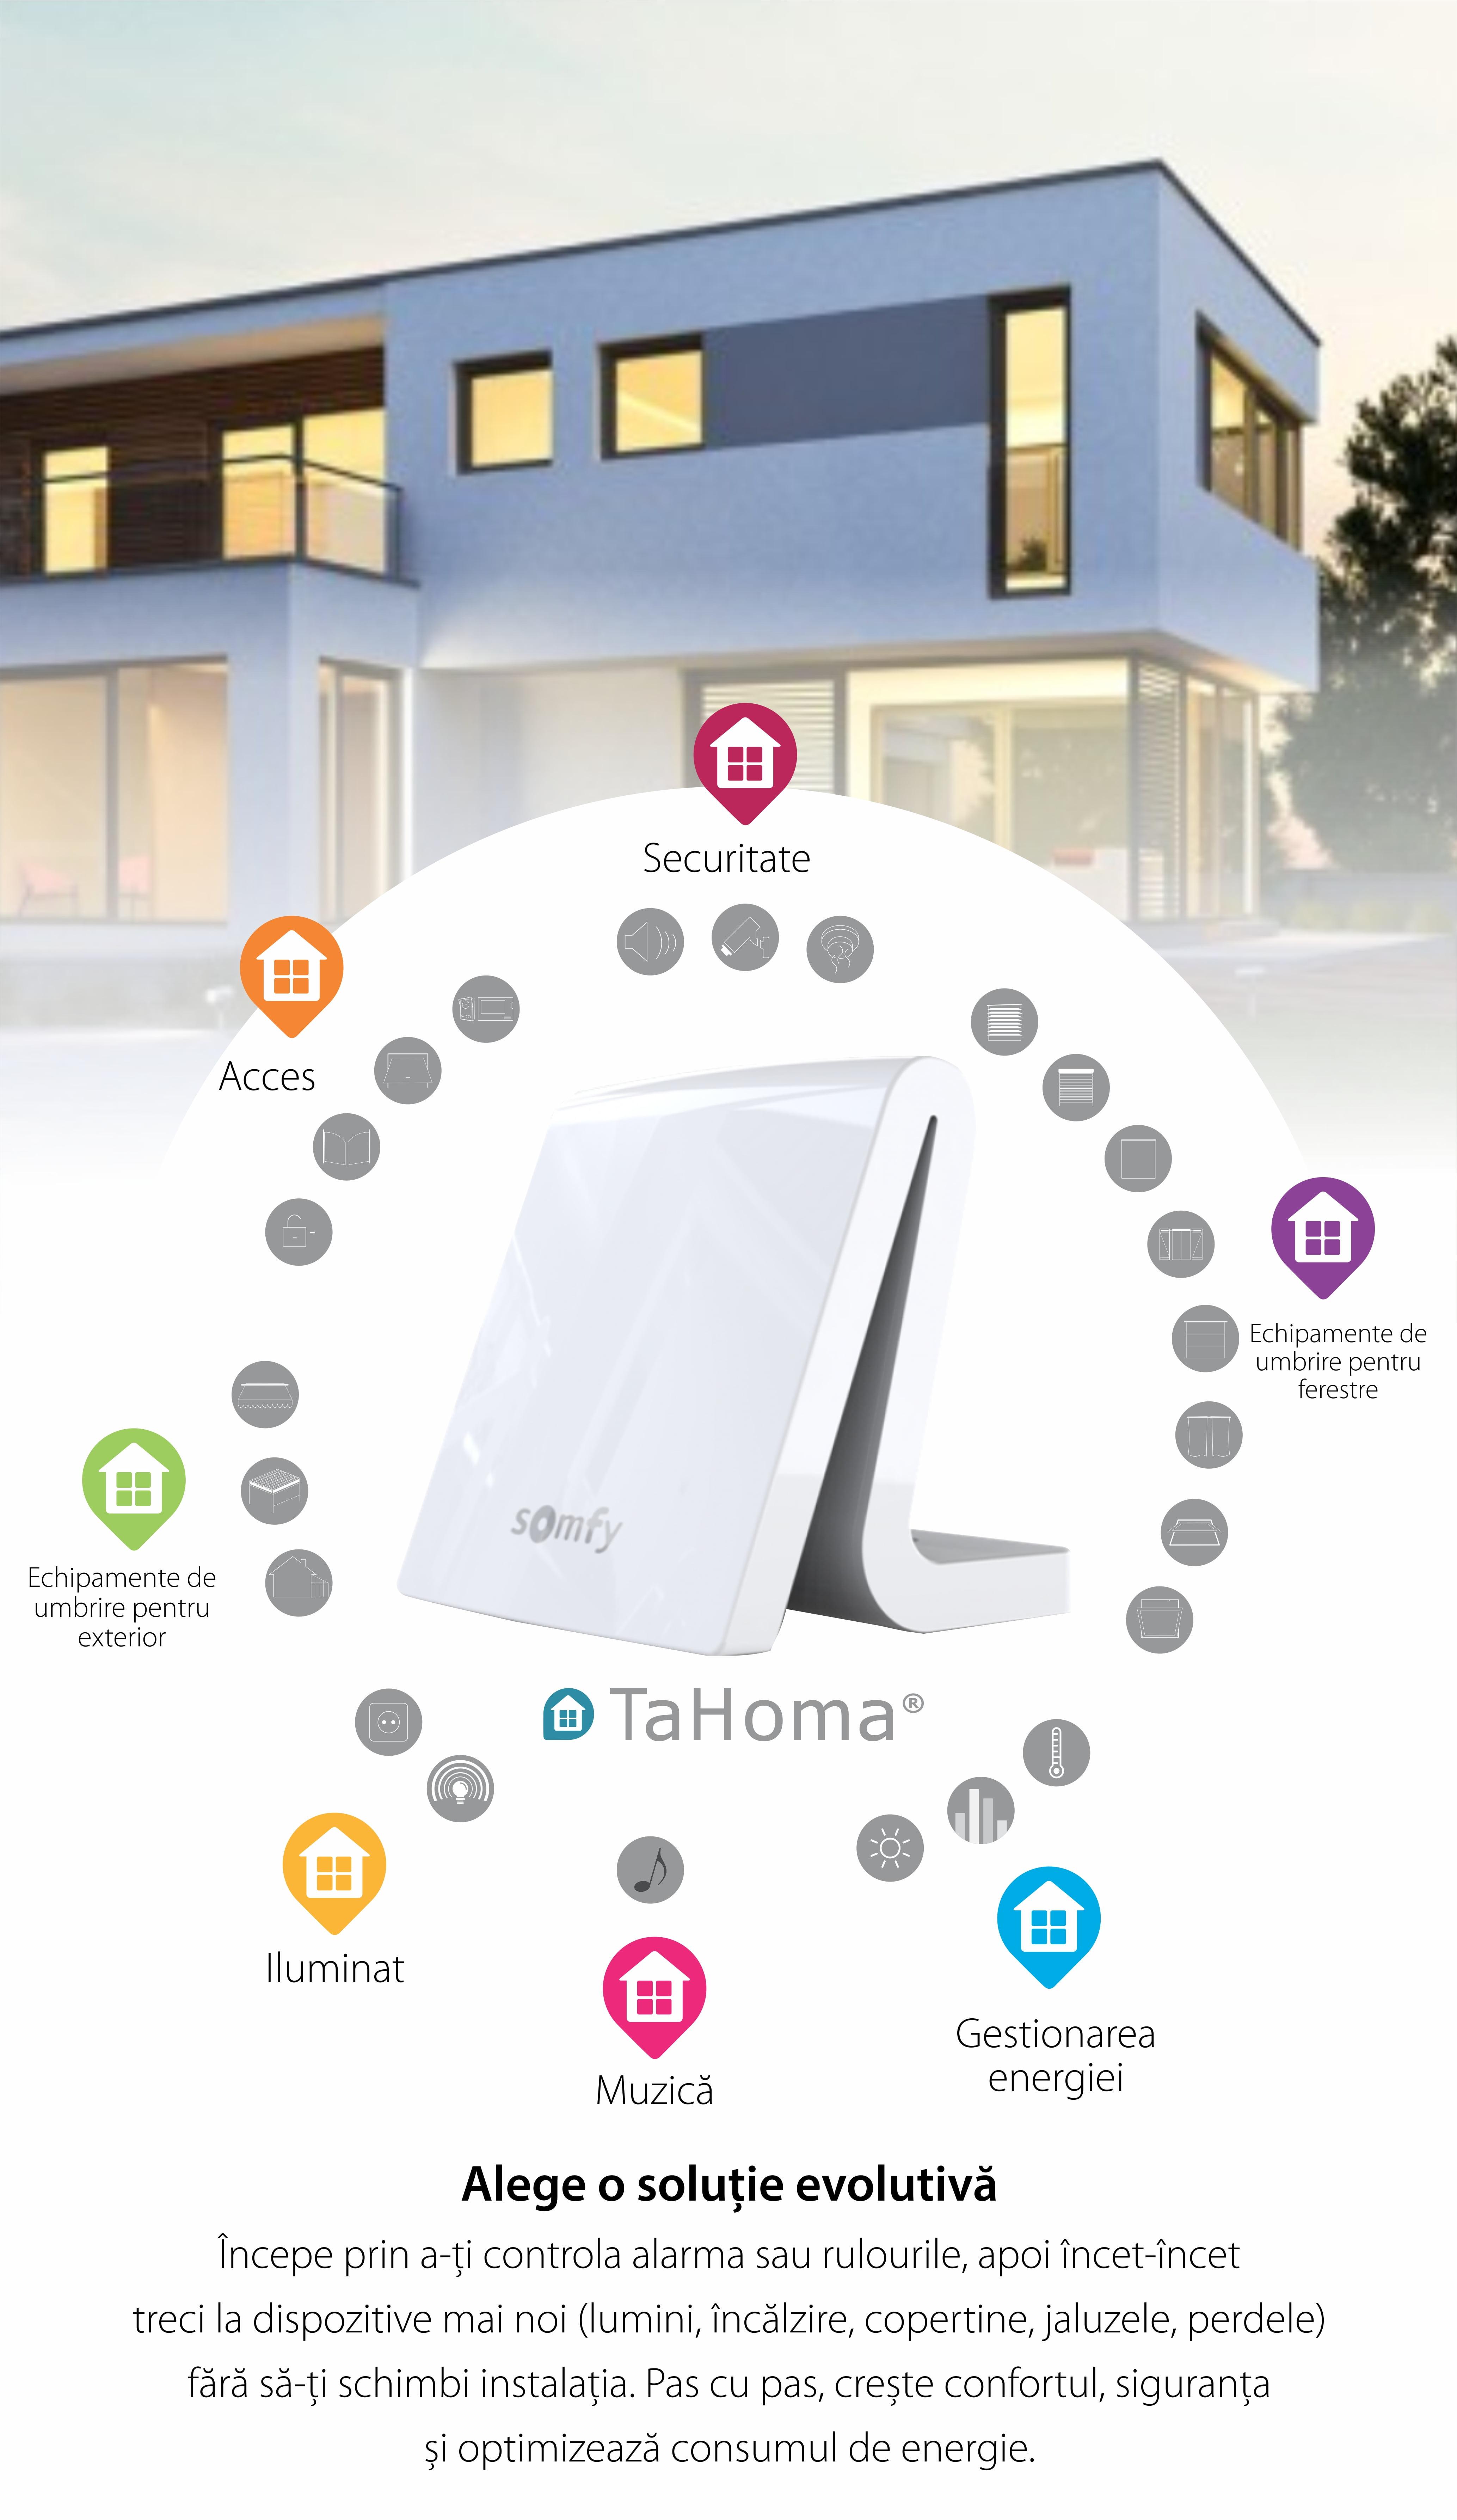 Unitate de comanda Somfy TaHoma DIY pentru controlul intregii locuinte, Compatibil cu Alexa, Google Home 14